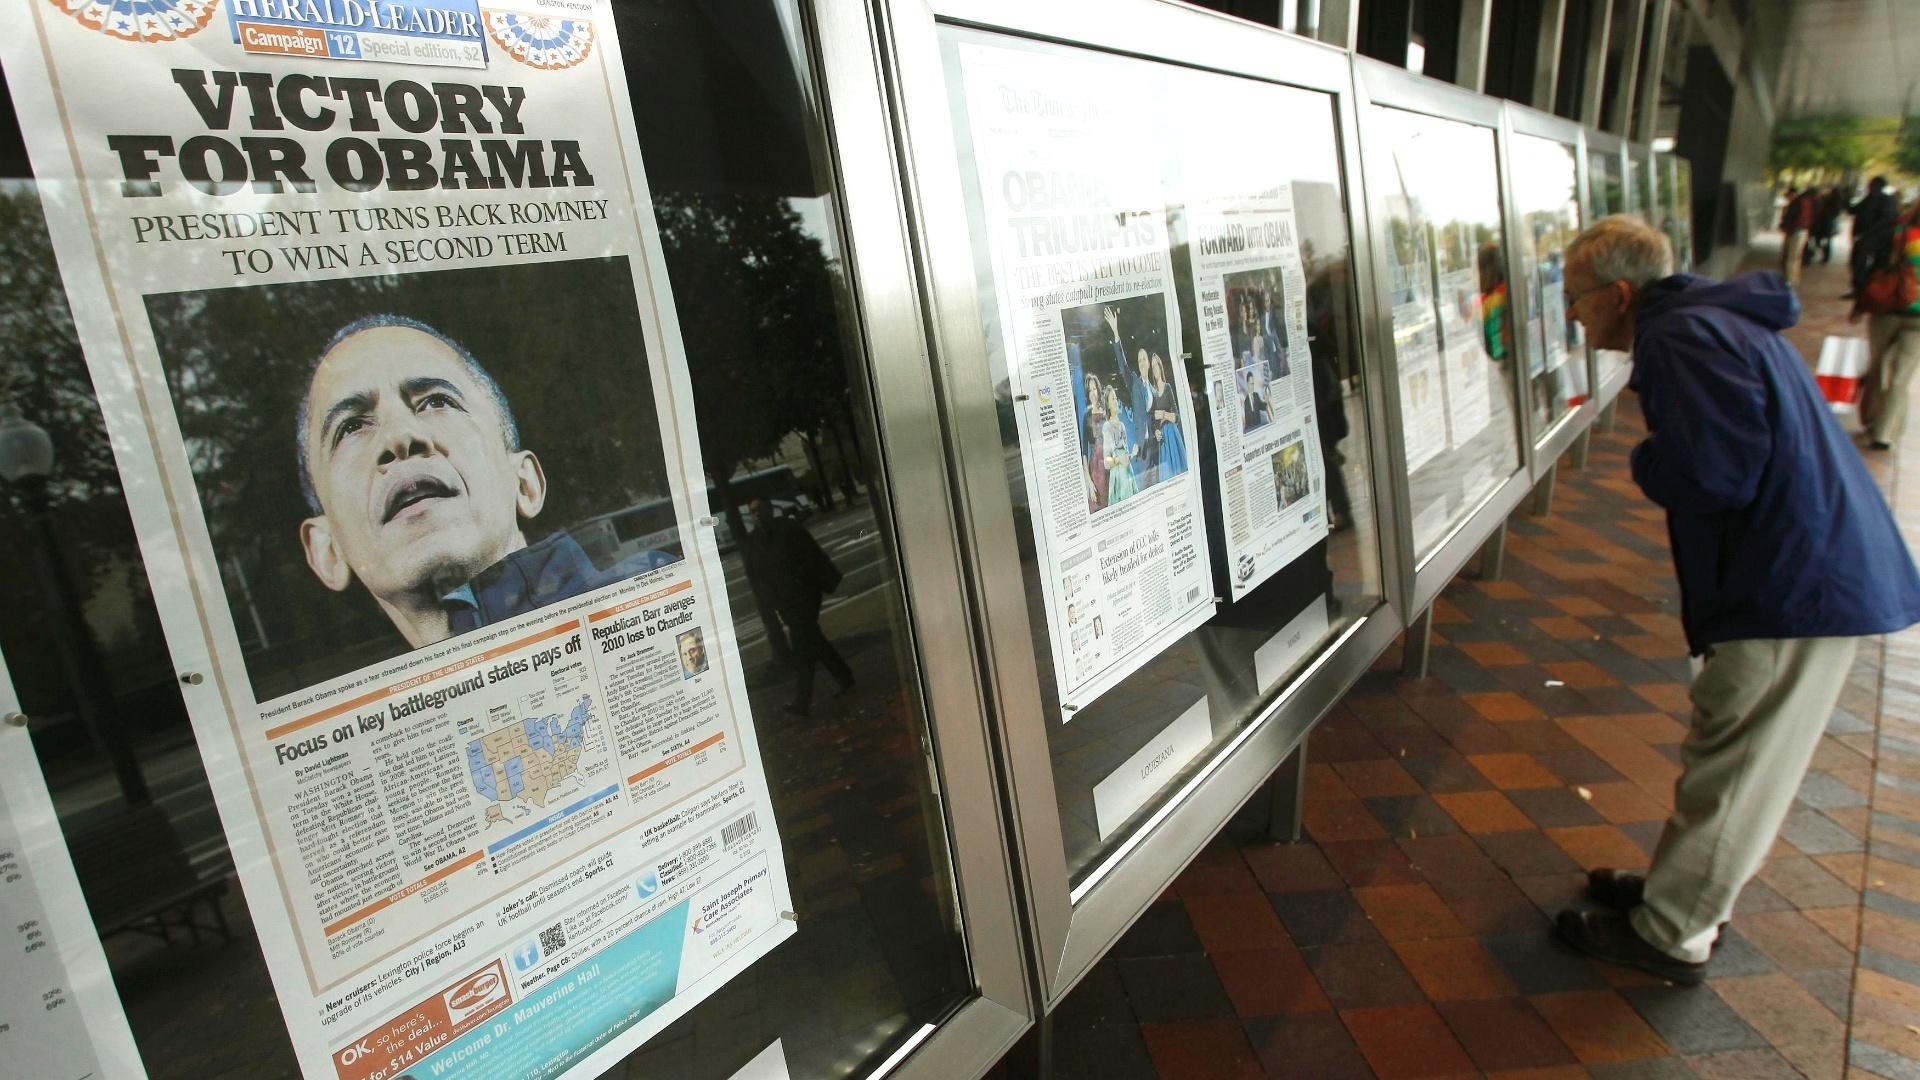 7.nov.2012 - Pessoas observam capas de jornais com manchetes da reeleição de Barack Obama no Newseum - museu da notícia - em Washington, DC. O presidente norte-americano tem pouco tempo para comemorar a vitória, pois enfrenta desafios econômicos e um congresso dividido, com maioria republicana